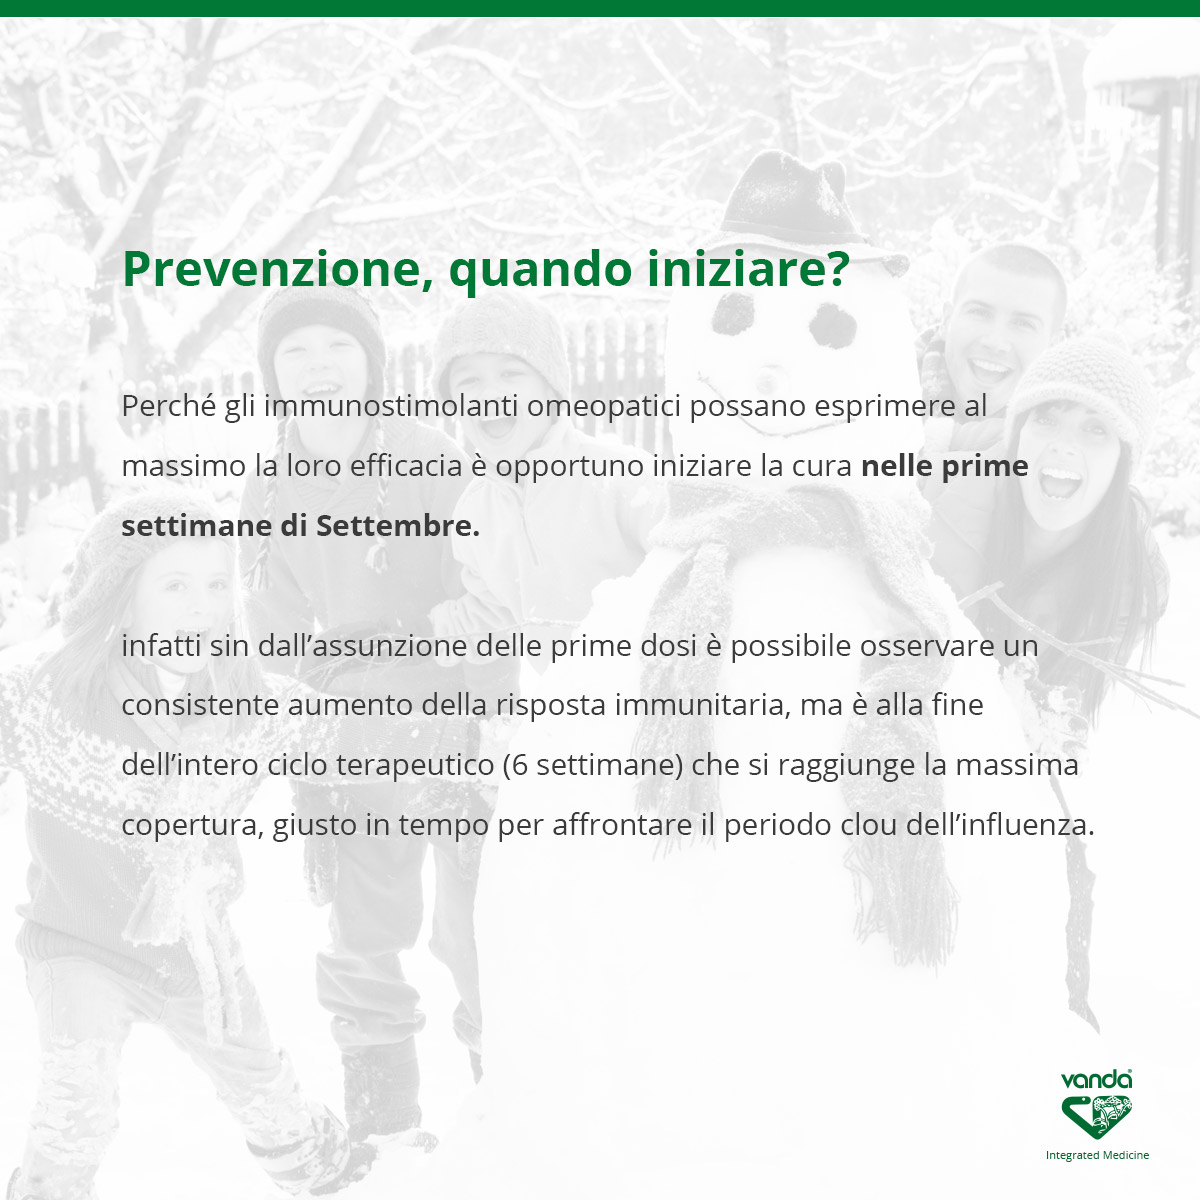 prevenzione influenza quando iniziare